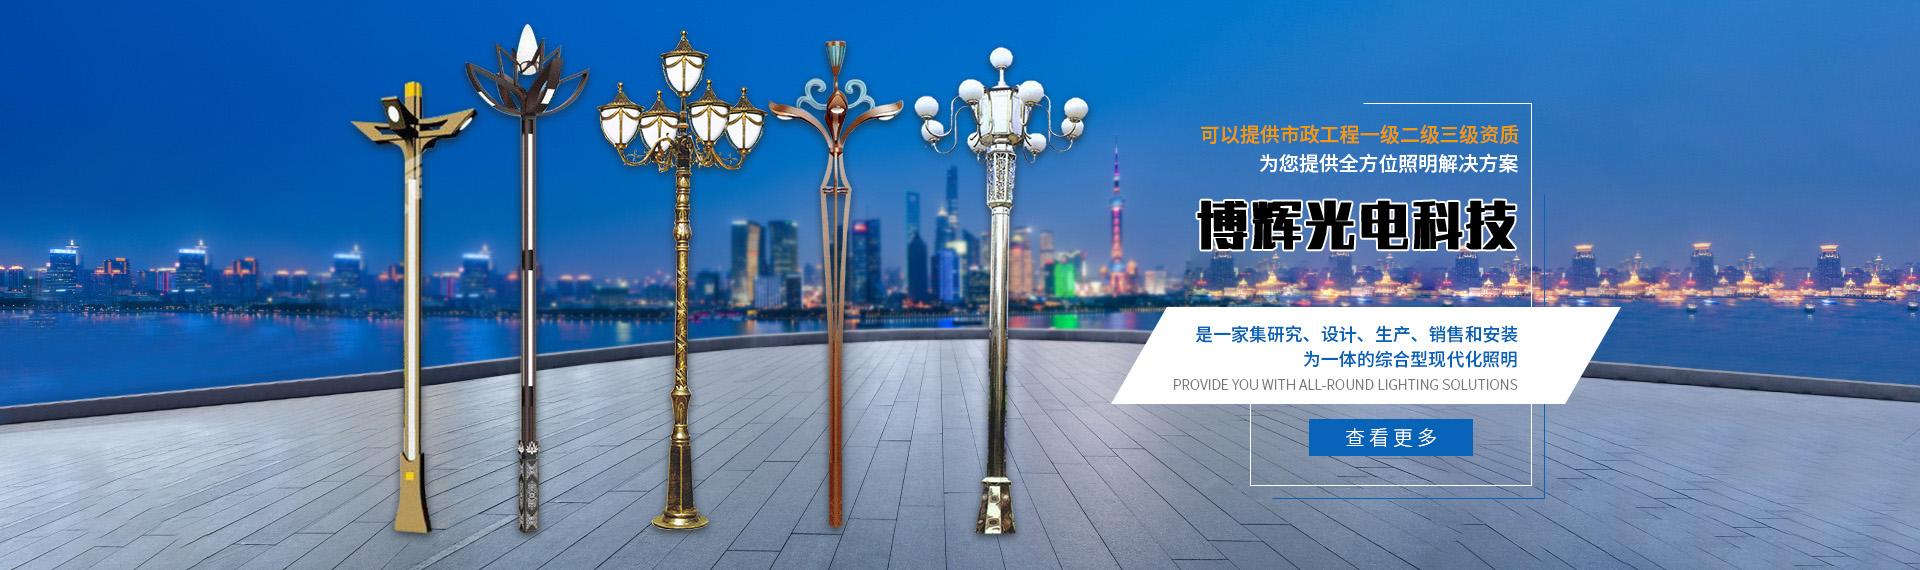 扬州博辉光电科技有限公司